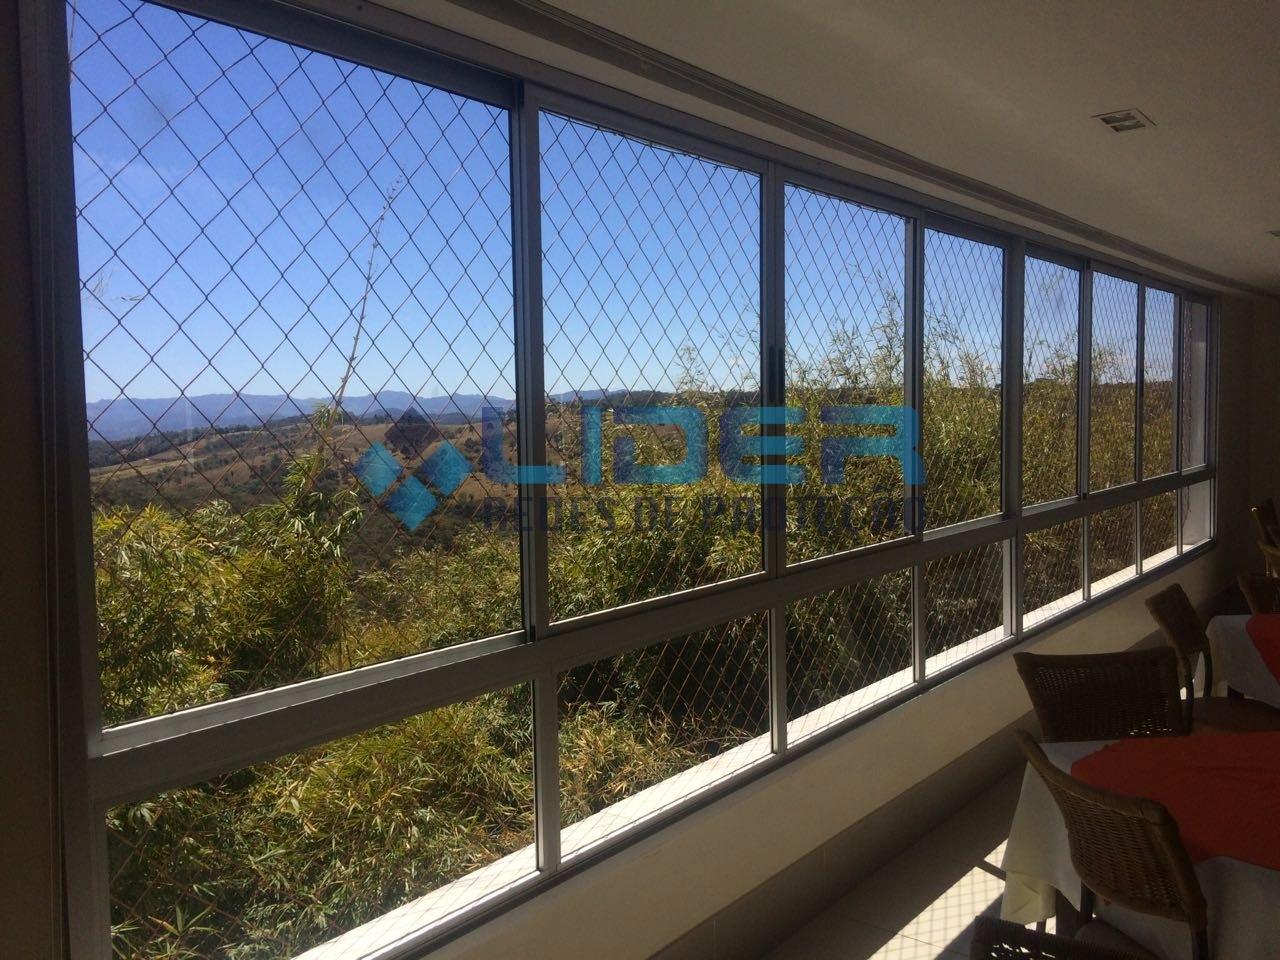 Redes de proteção para janelas e varandas. - Foto 2